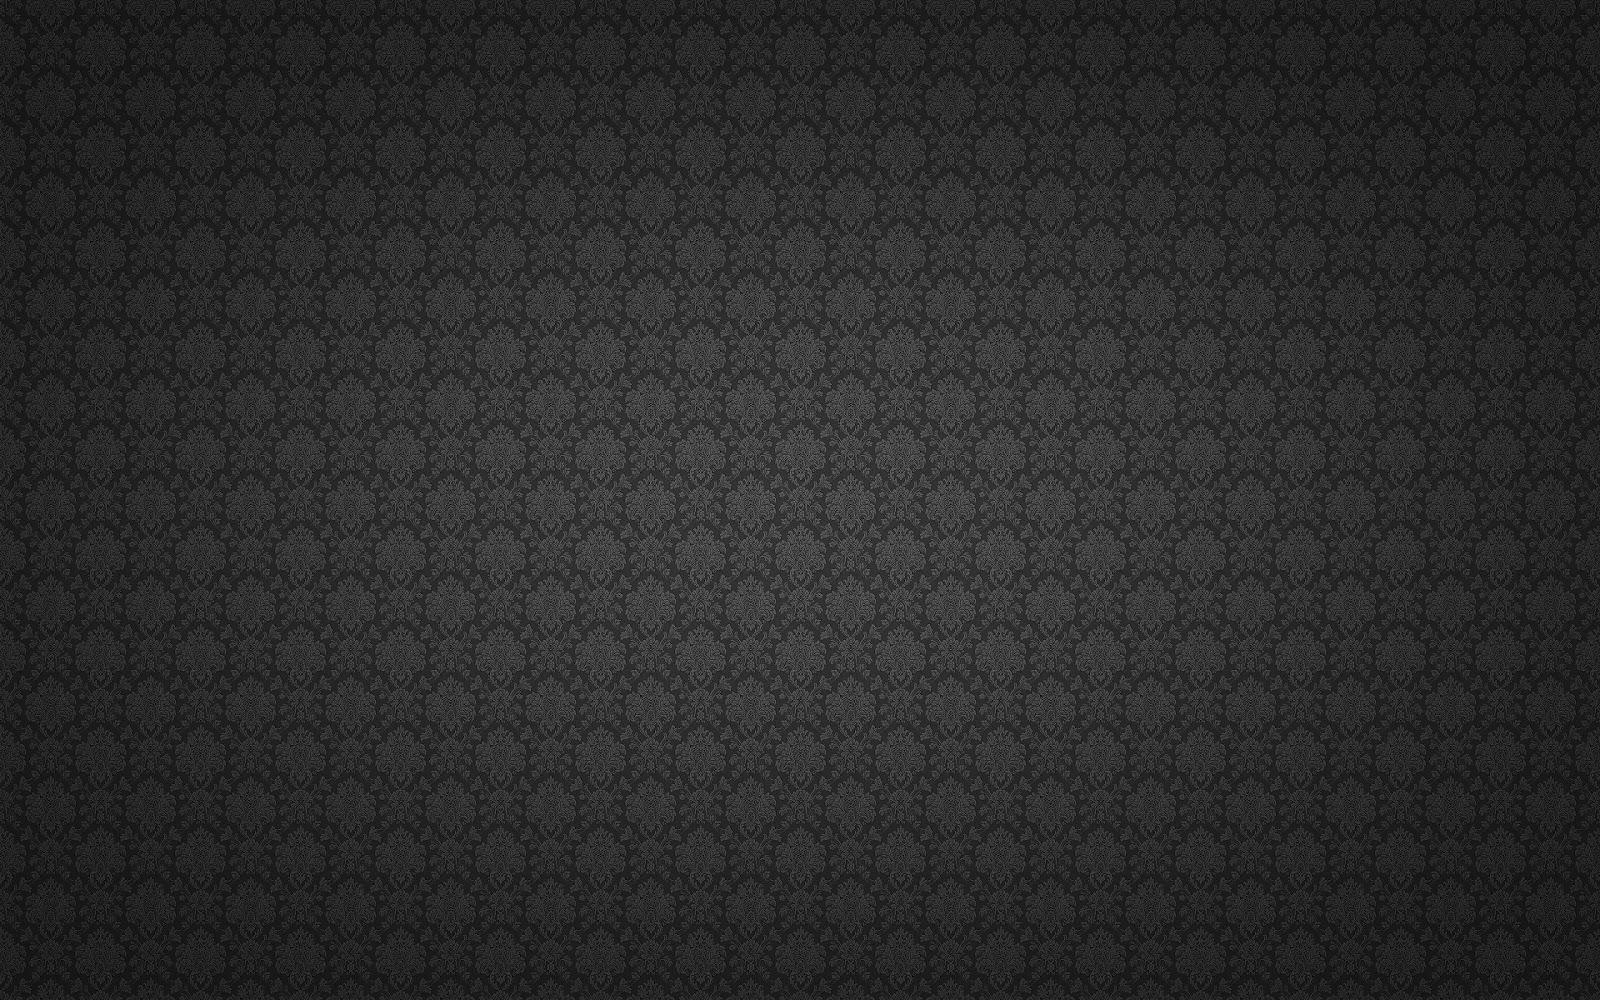 http://2.bp.blogspot.com/-QZl-SBqD238/T8VbF5AbisI/AAAAAAAAFJ0/XtZFvs_gcQA/s1600/classique-black.jpg